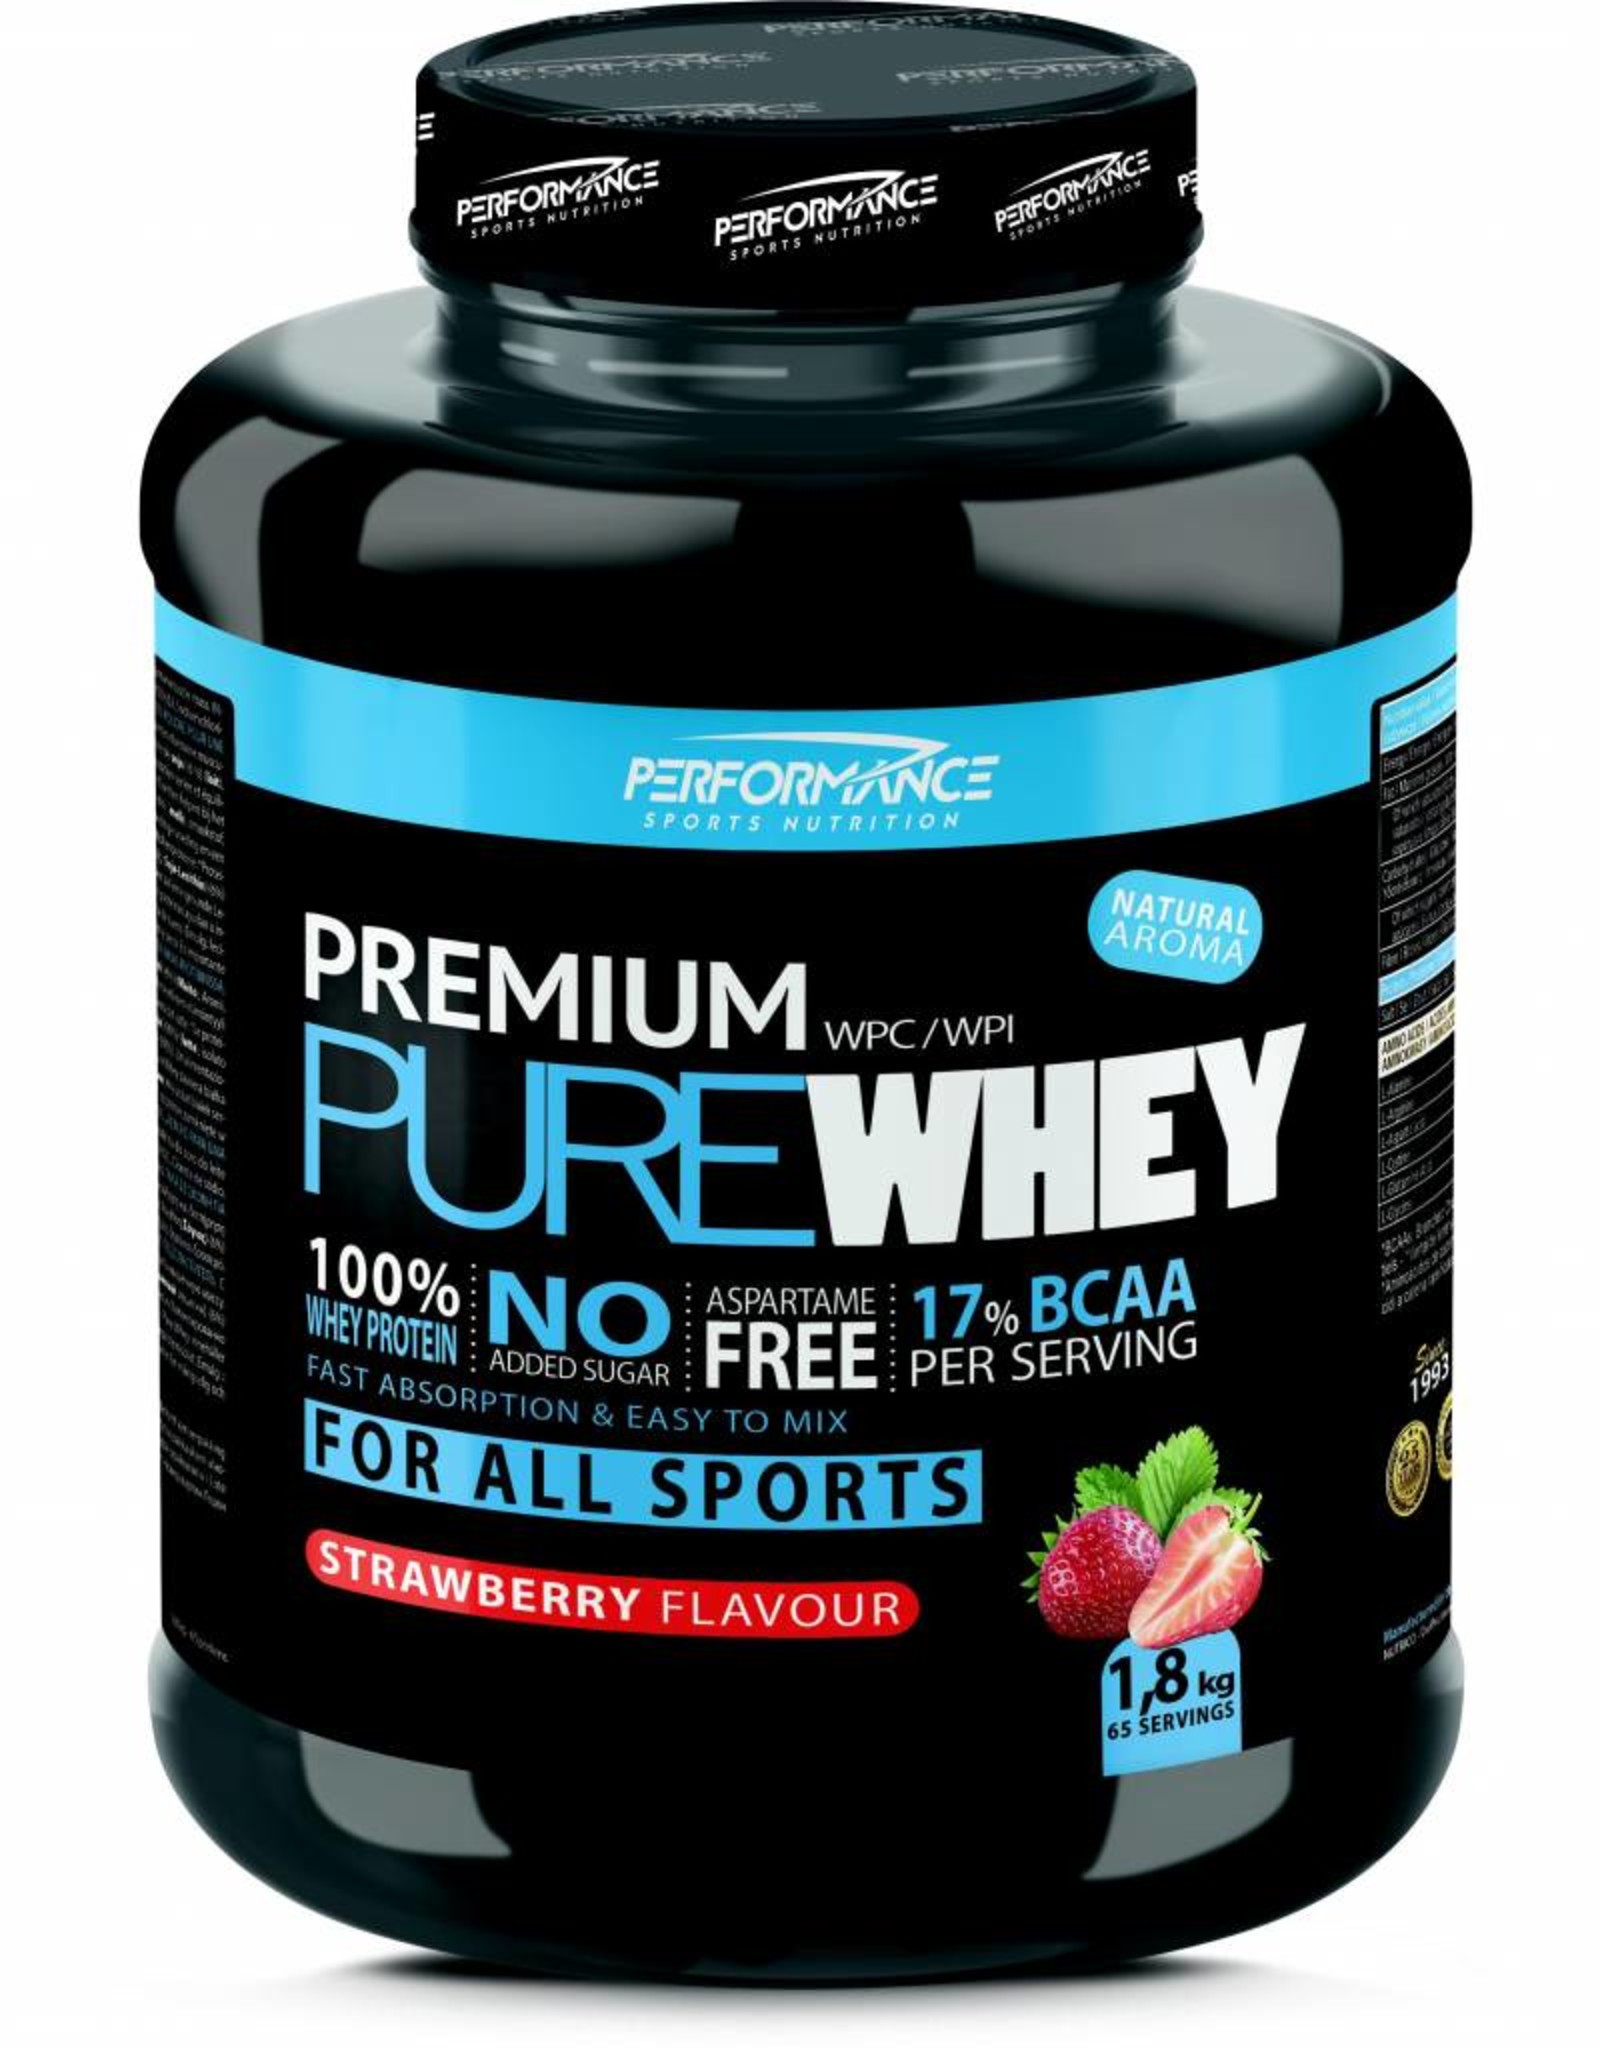 Performance Premium pure whey strawberry